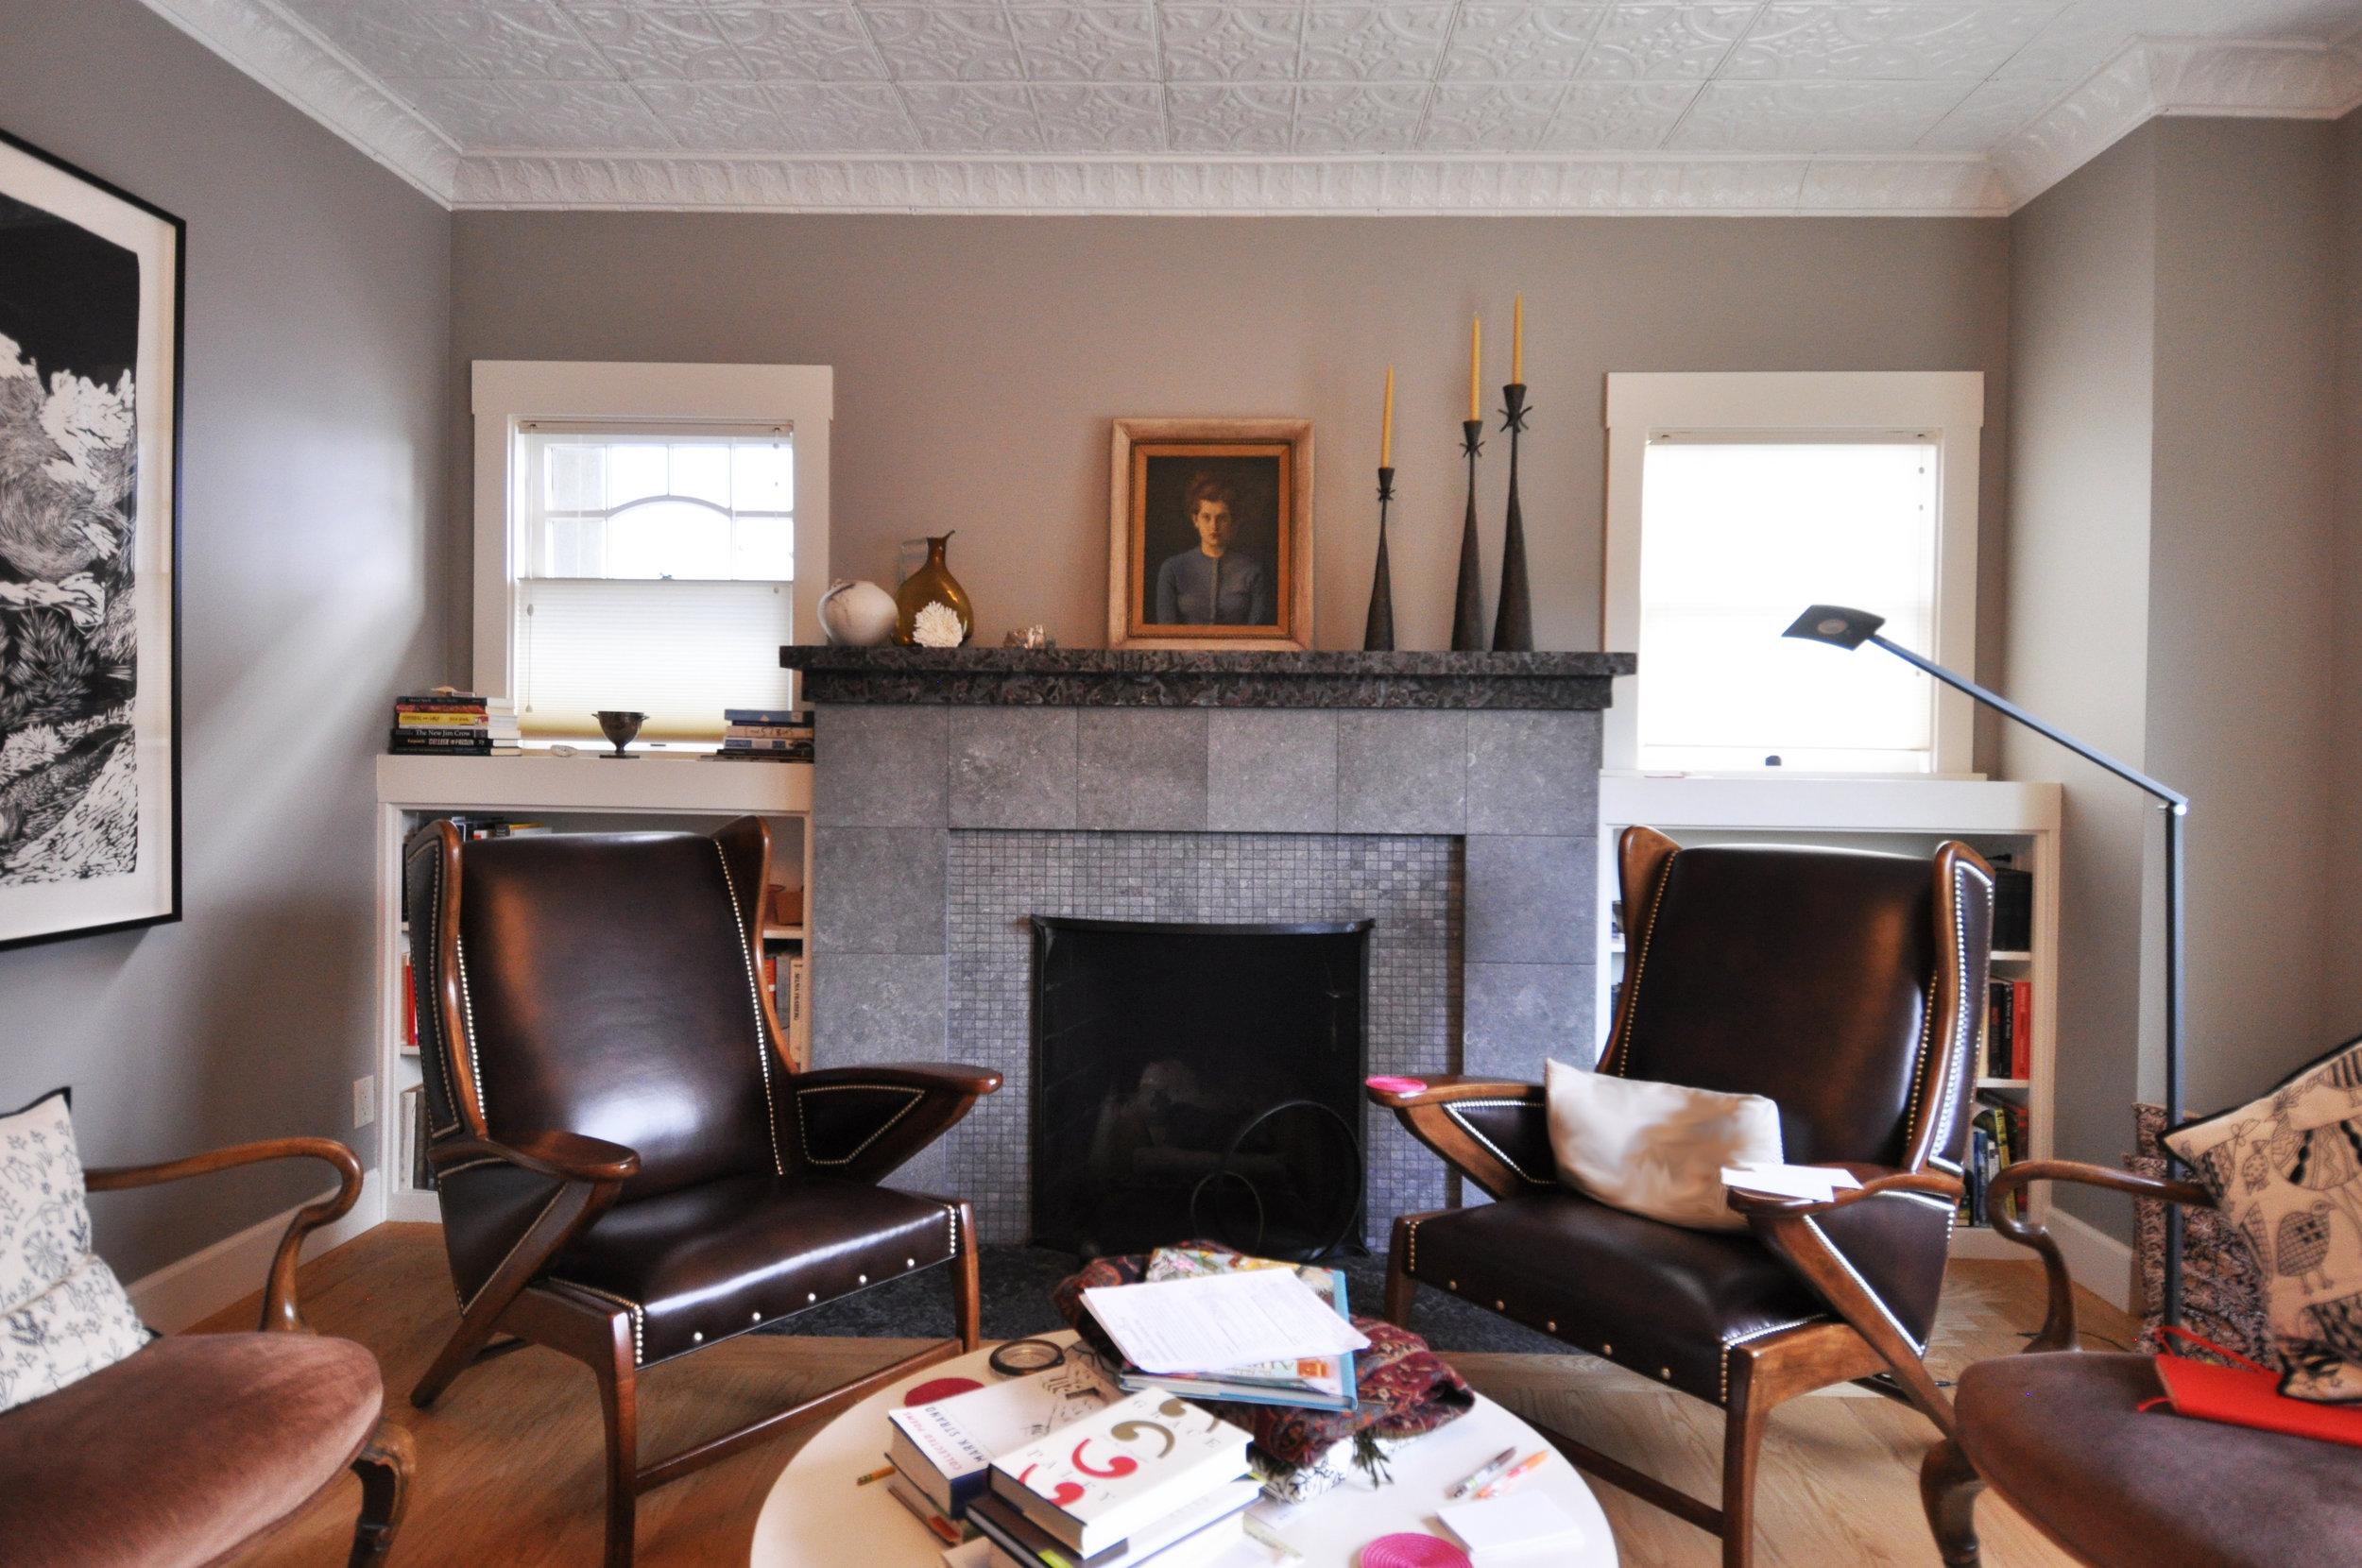 lorelei's livingroom.JPG